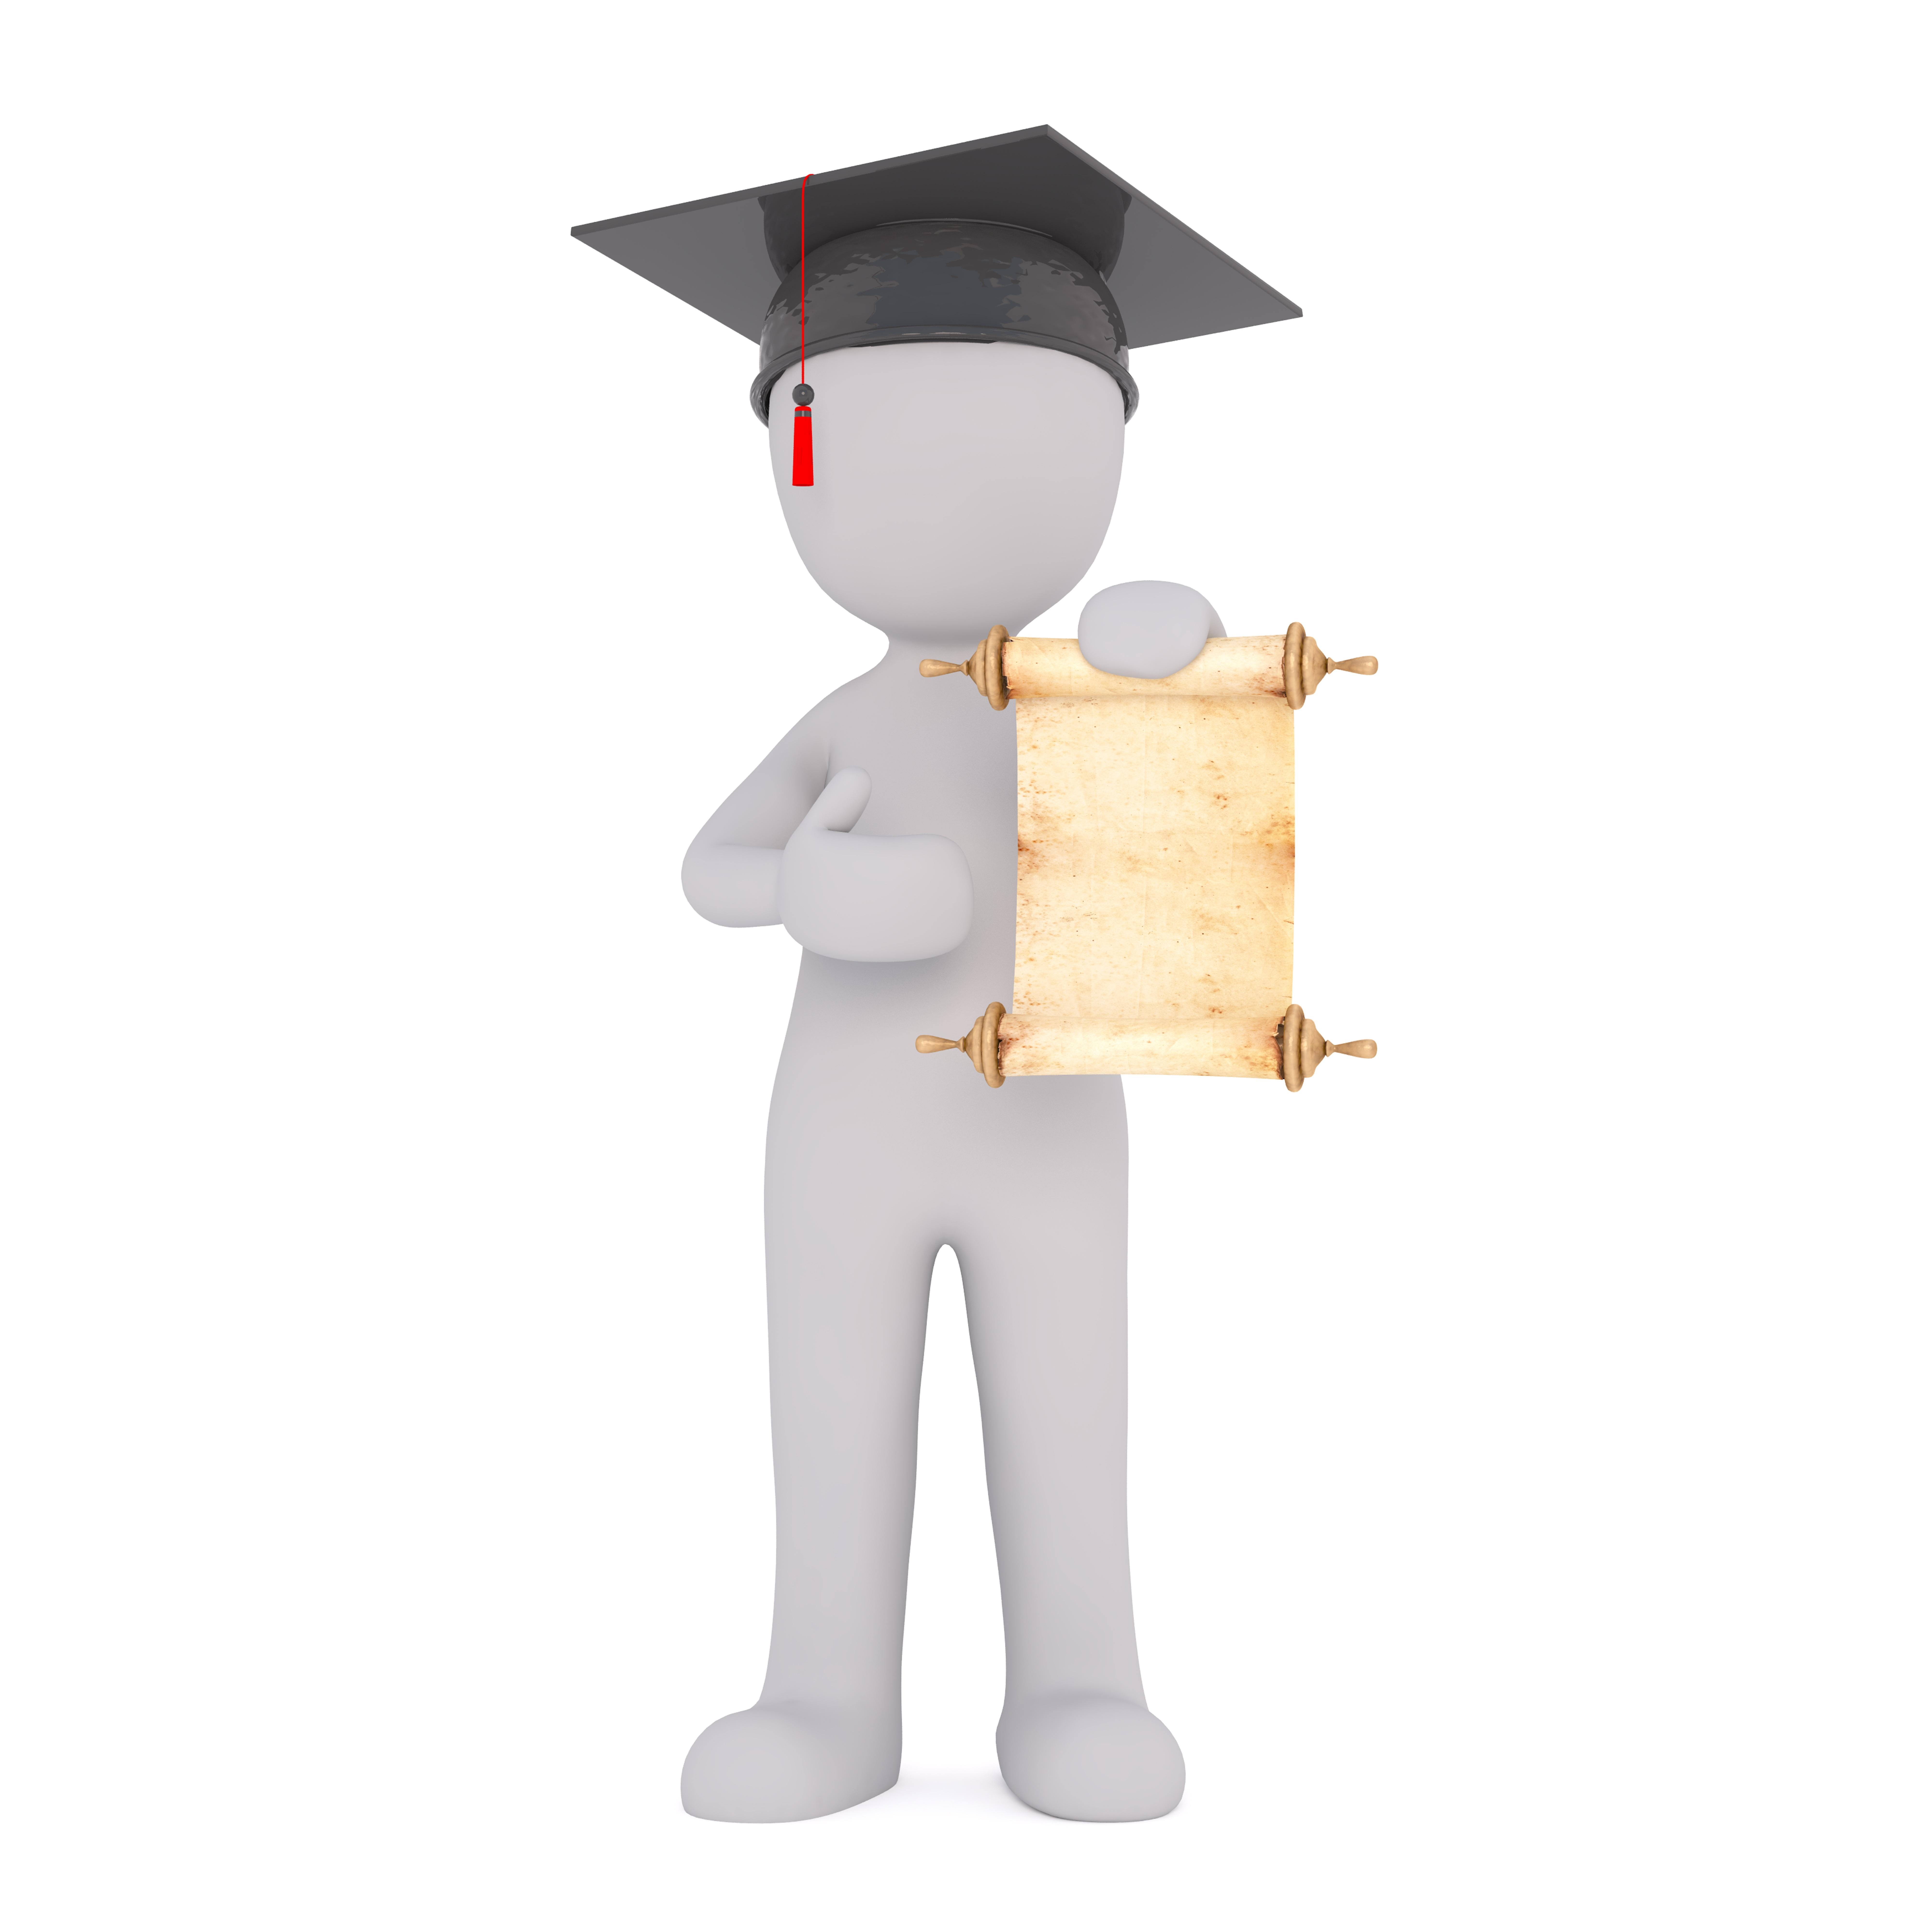 Gambar Tangan Terpencil Model Produk Ilustrasi Lulus Dokter